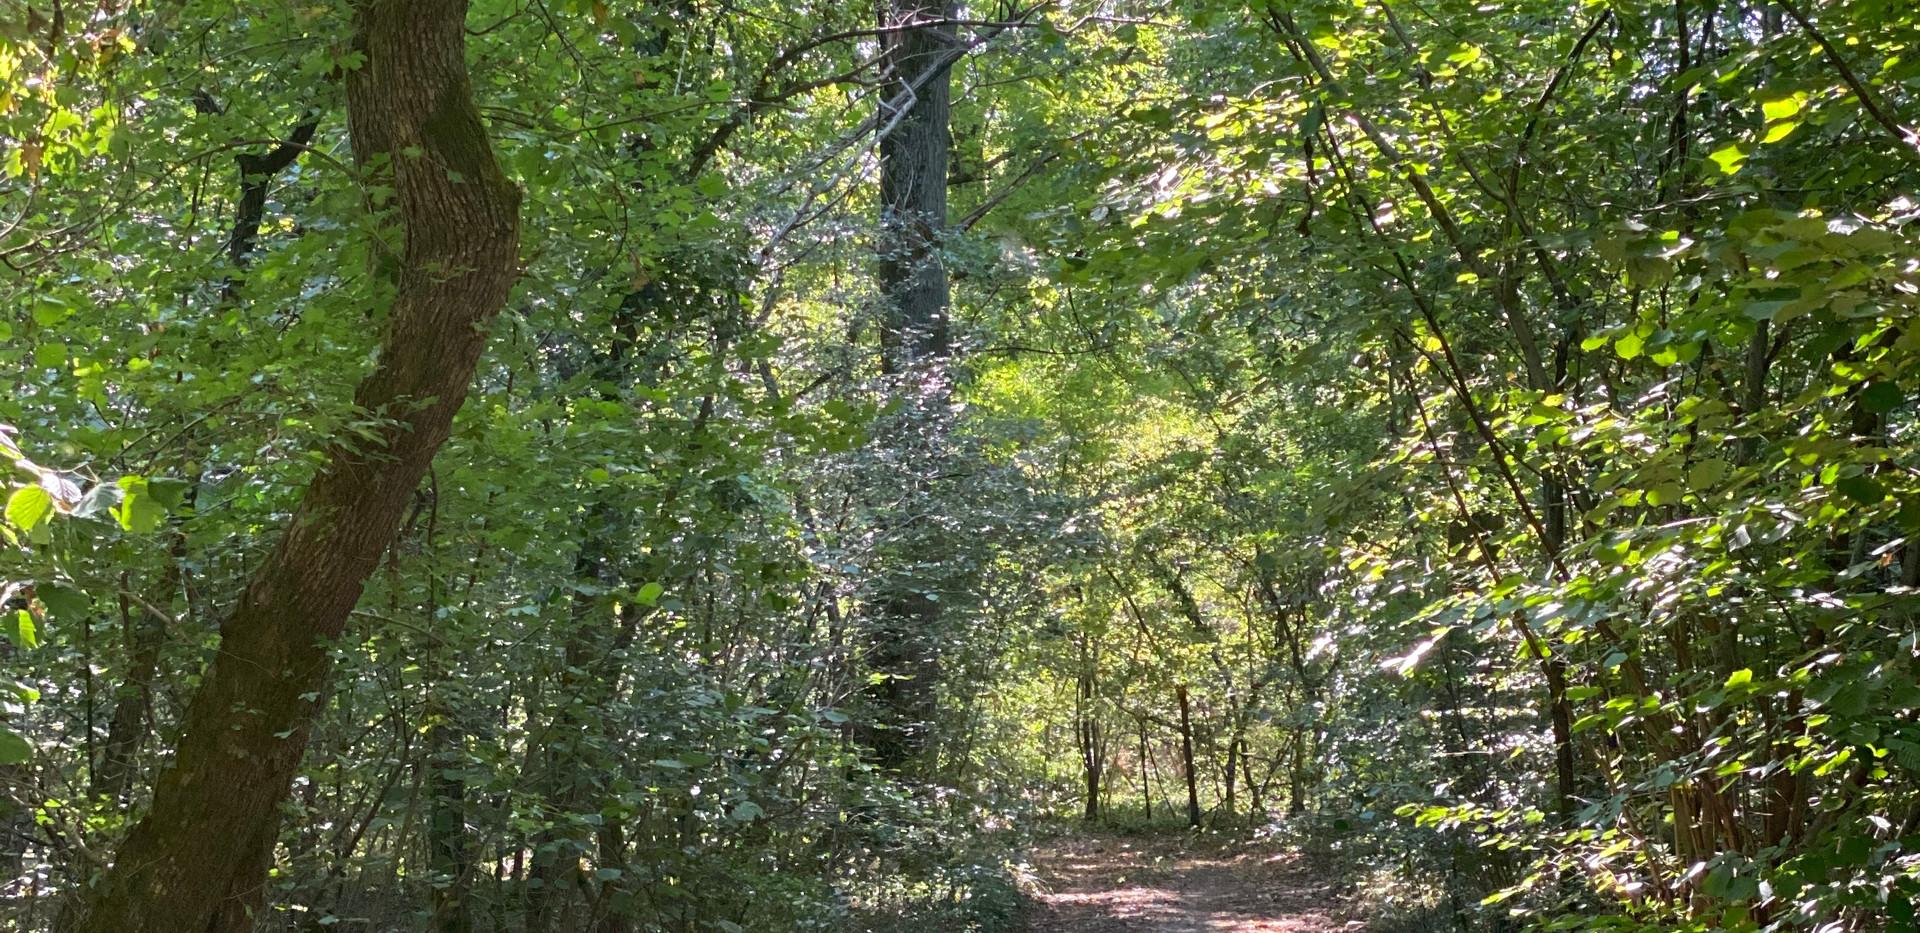 sentiero-nel-bosco-nido-nel-parco